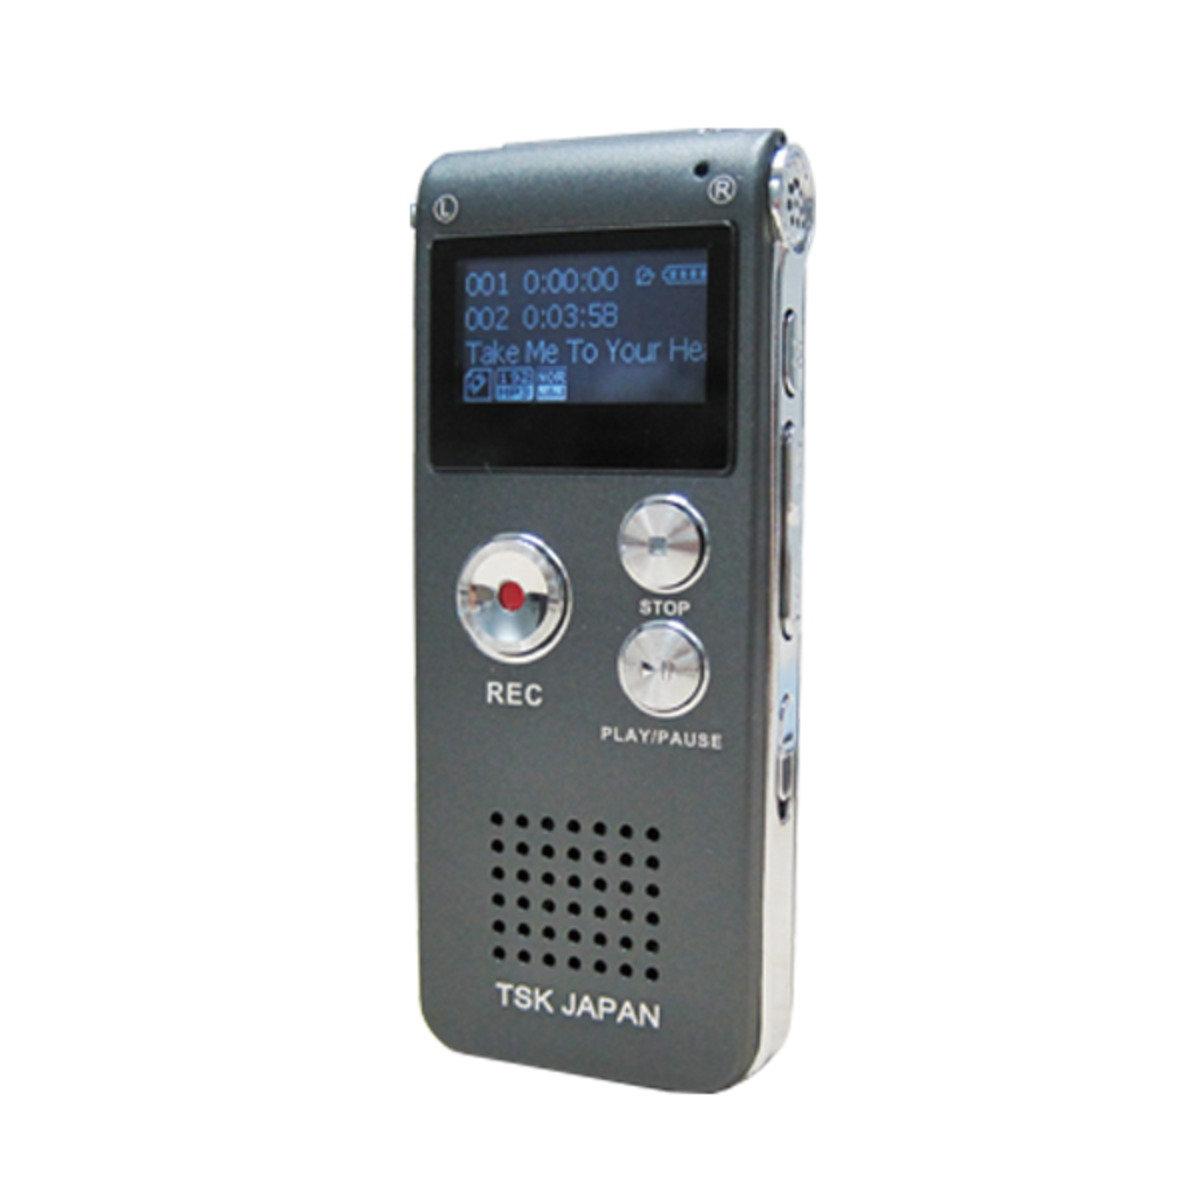 日本TSK 多功能數碼高清錄音機P1008 黑色 ASW0009